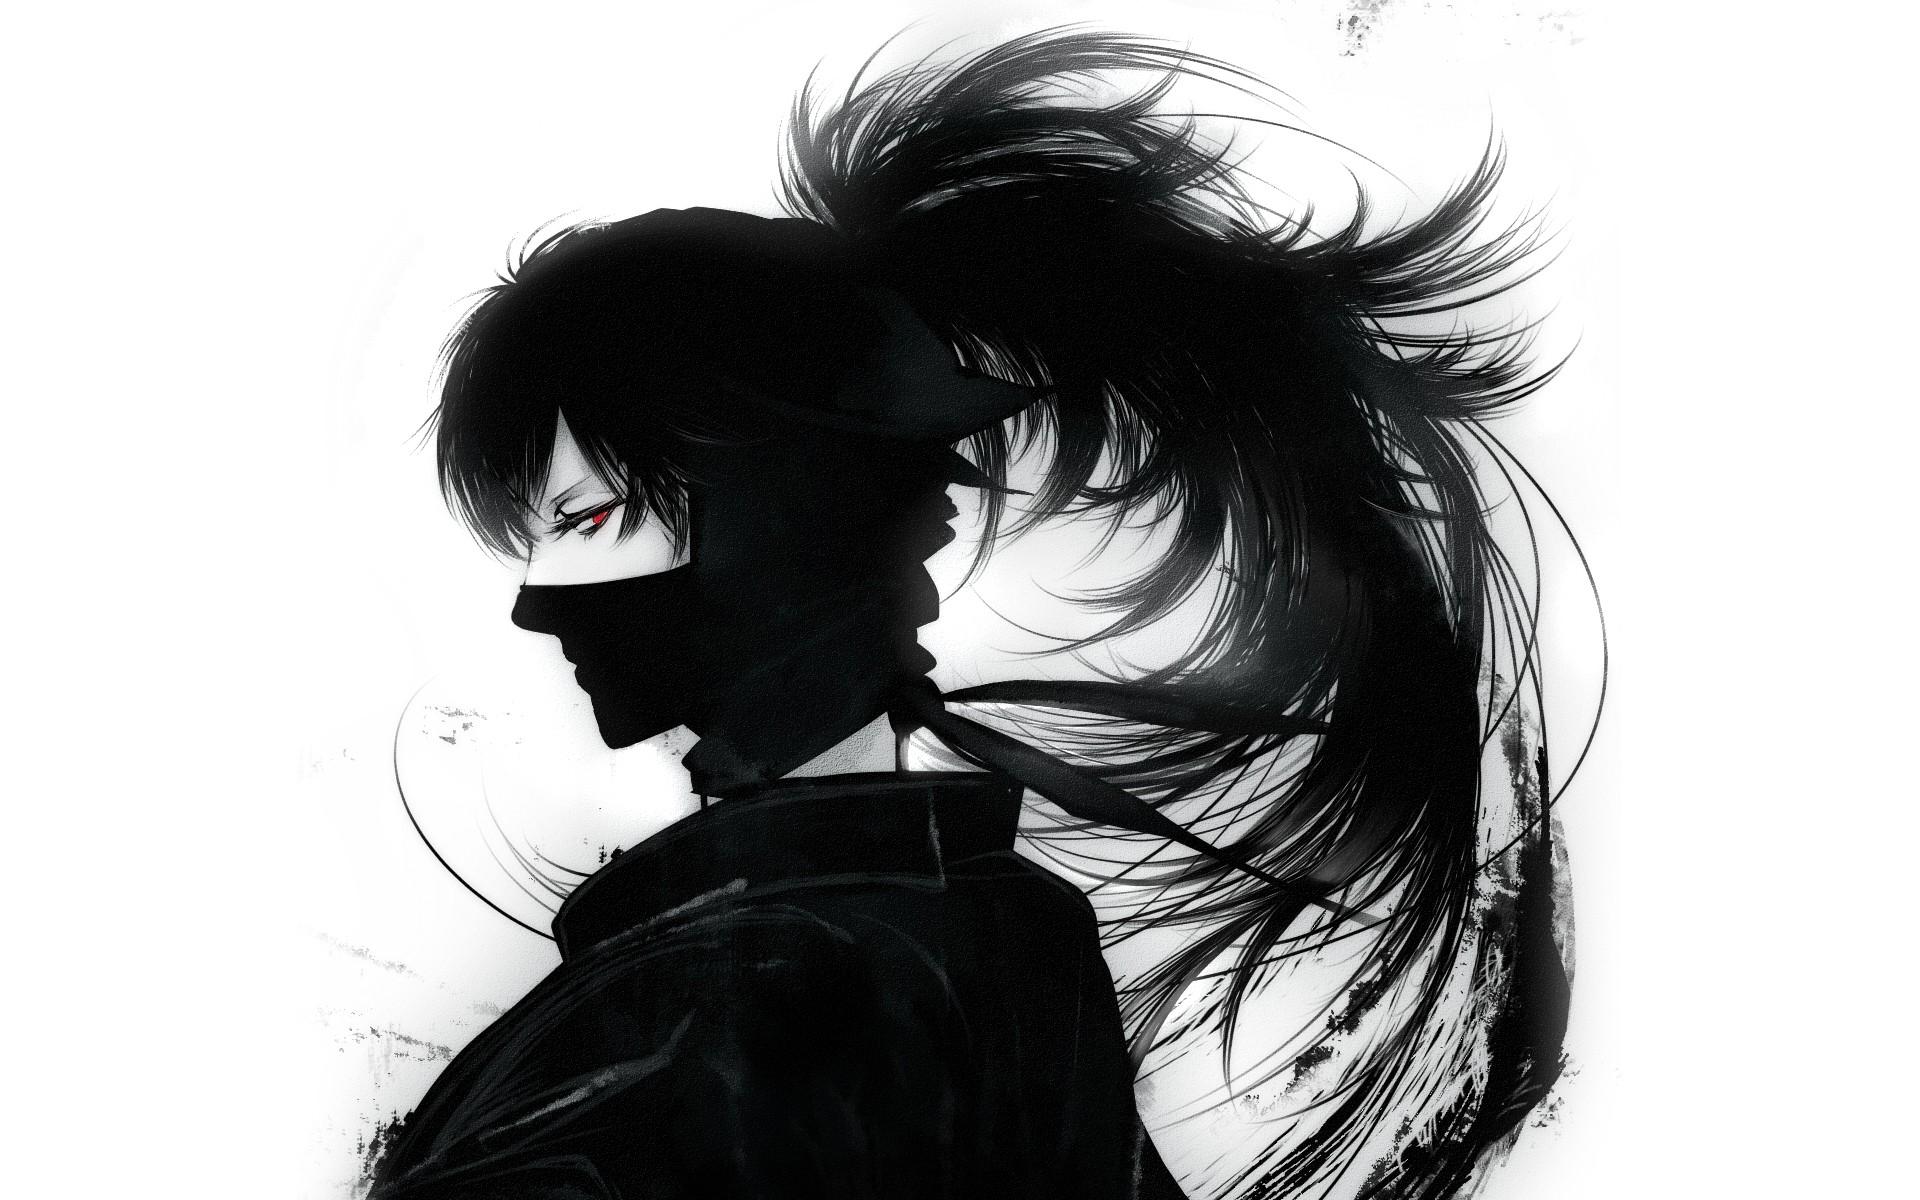 Fond Décran Dessin Illustration Monochrome Silhouette